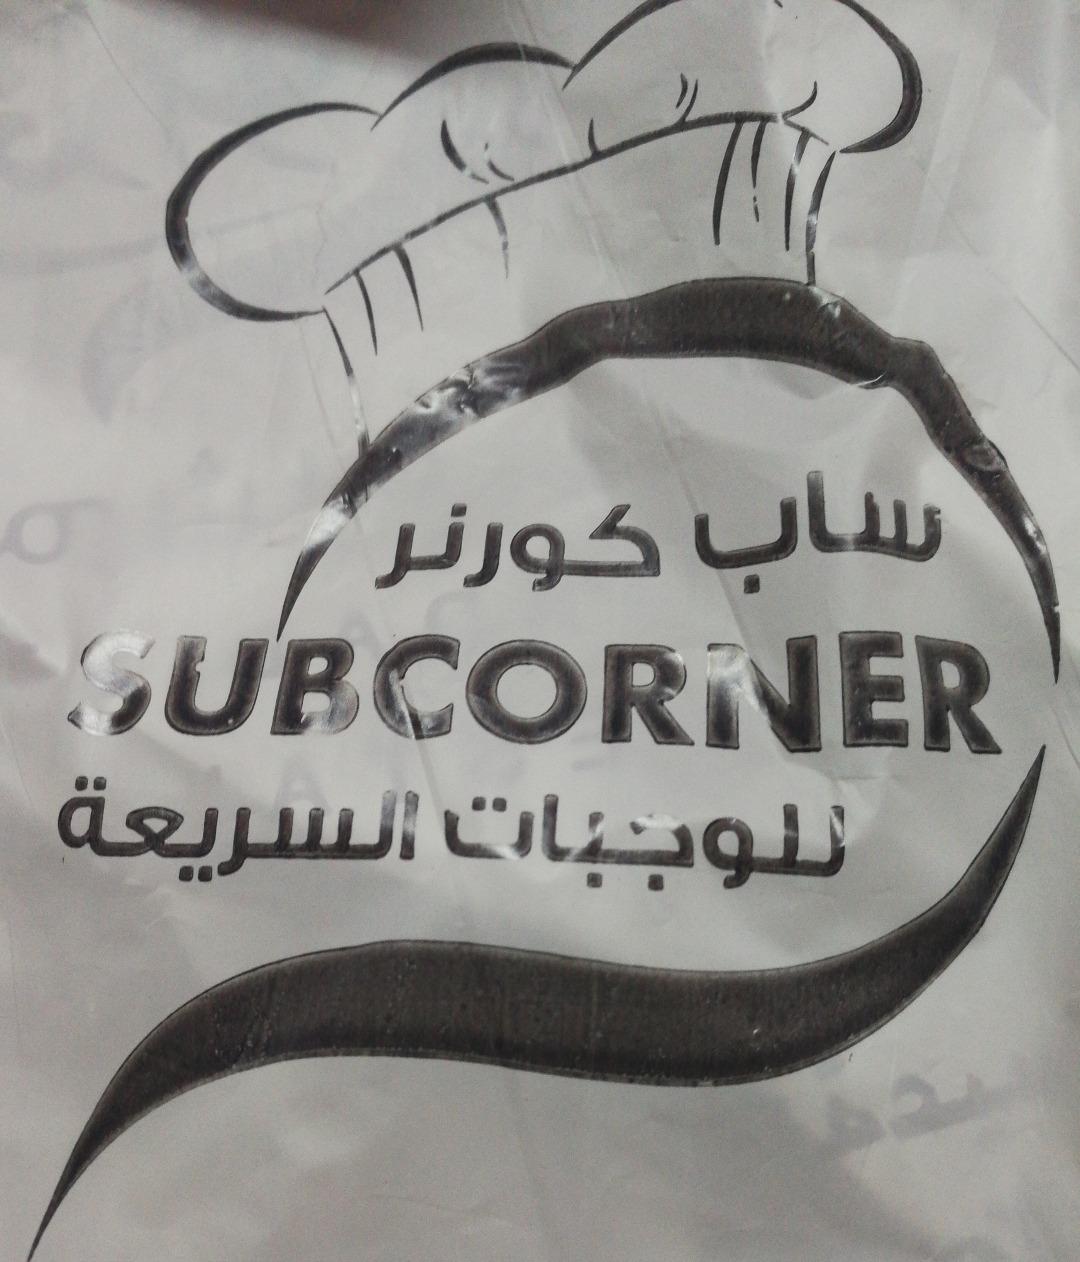 SUBCORNER 👌 @ Sub Corner  - Bahrain